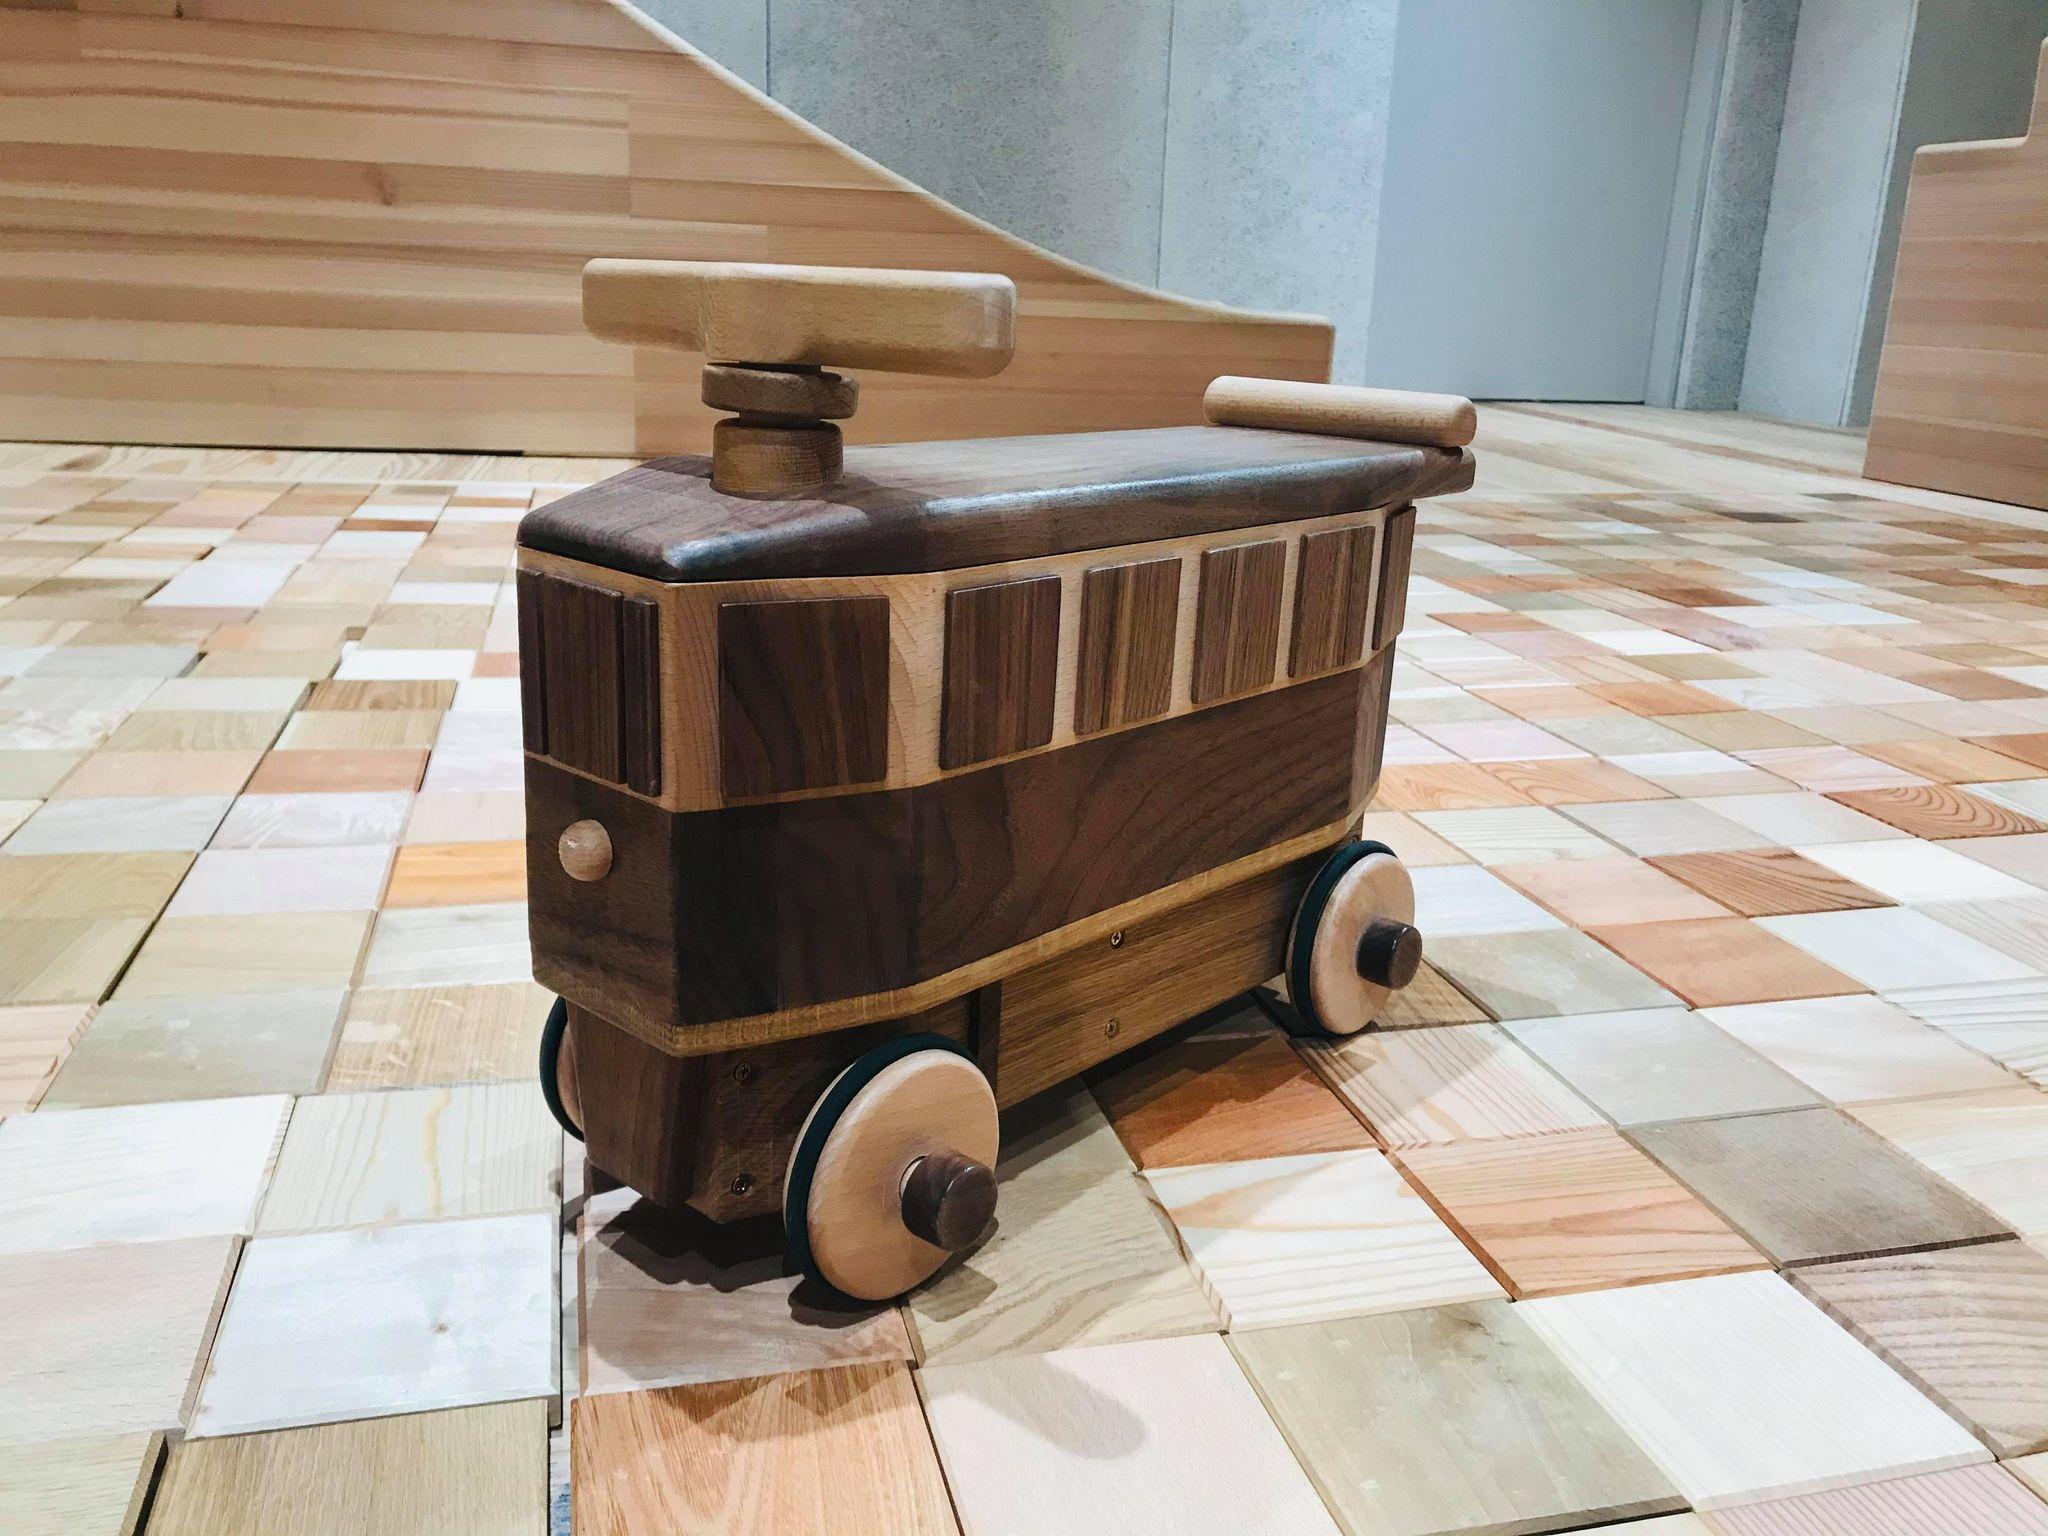 花巻おもちゃ美術館で人気のおもちゃ「馬面電車の乗用玩具」を販売開始!